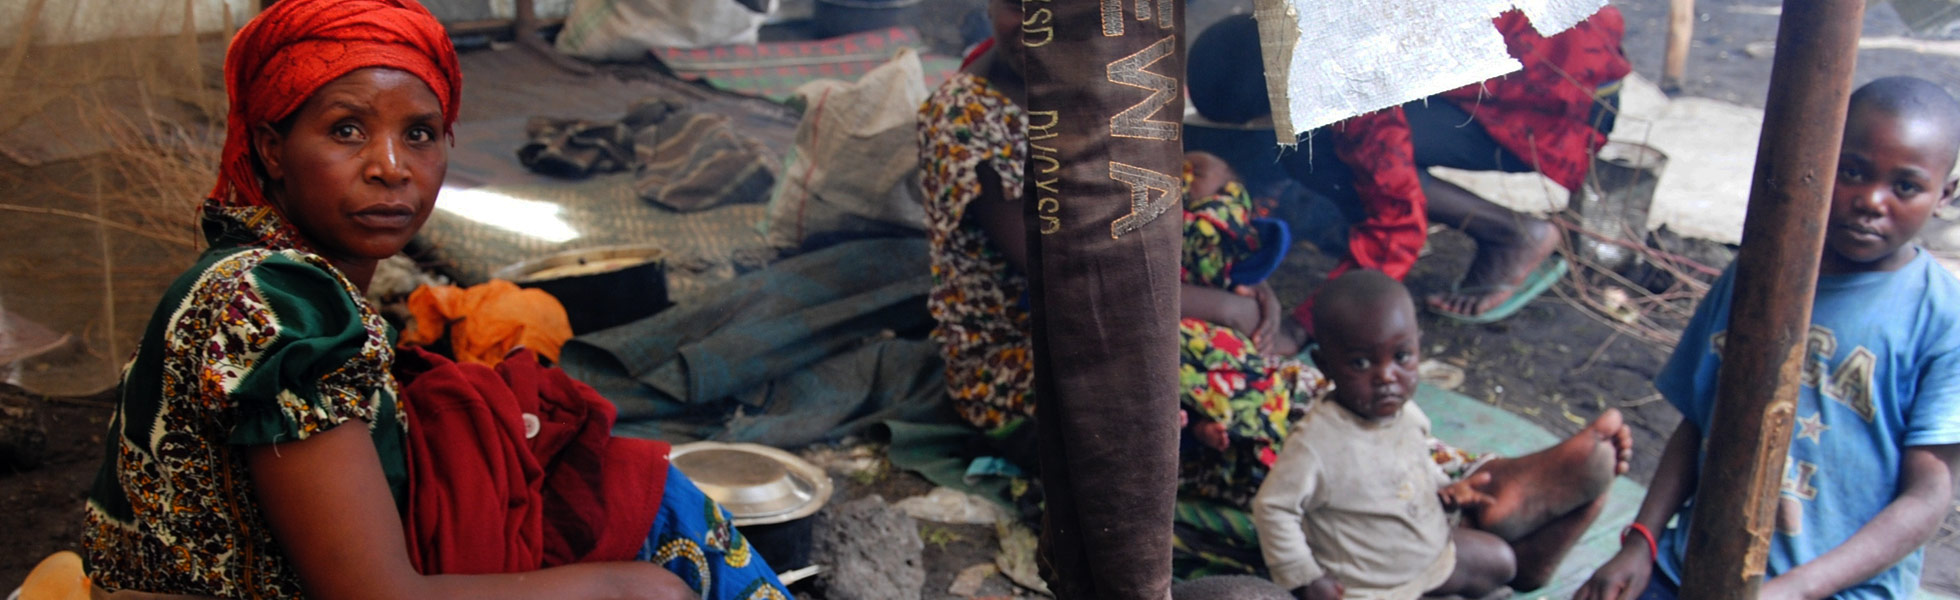 """República Democrática del Congo: """"Nadie nos visita salvo ustedes""""."""